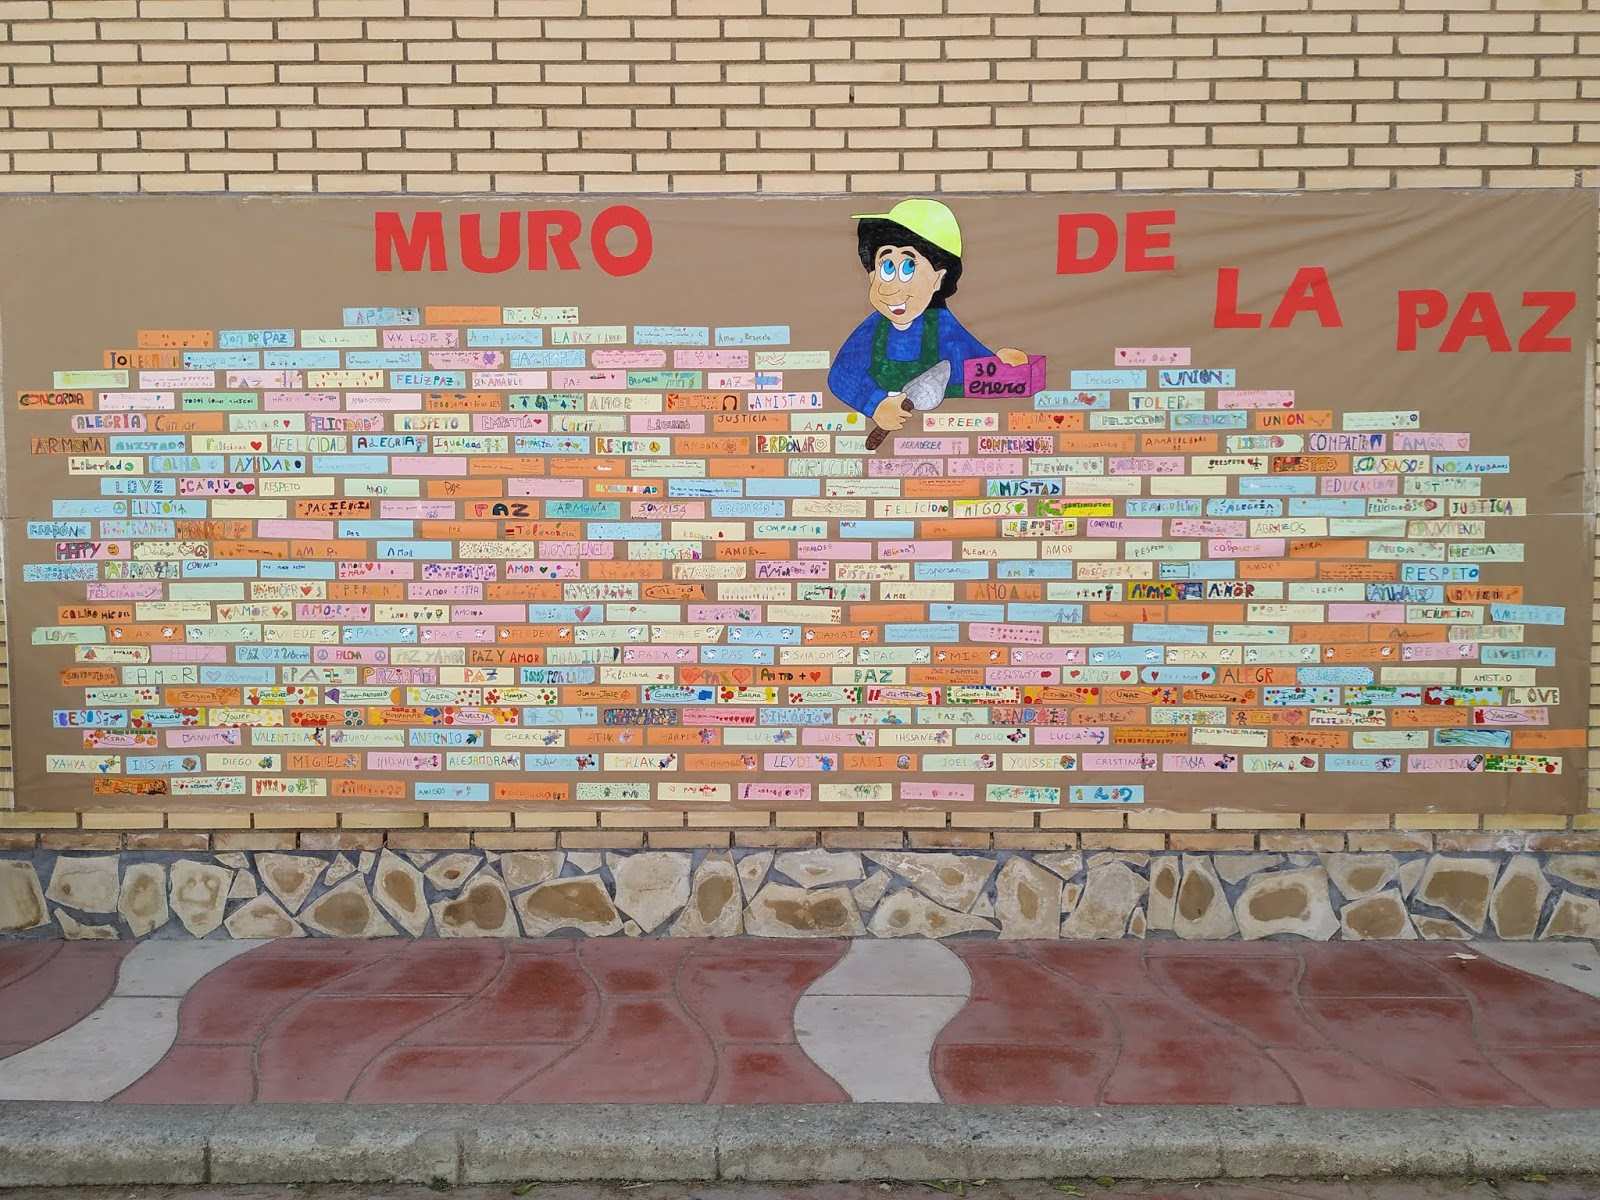 El Muro De La Paz